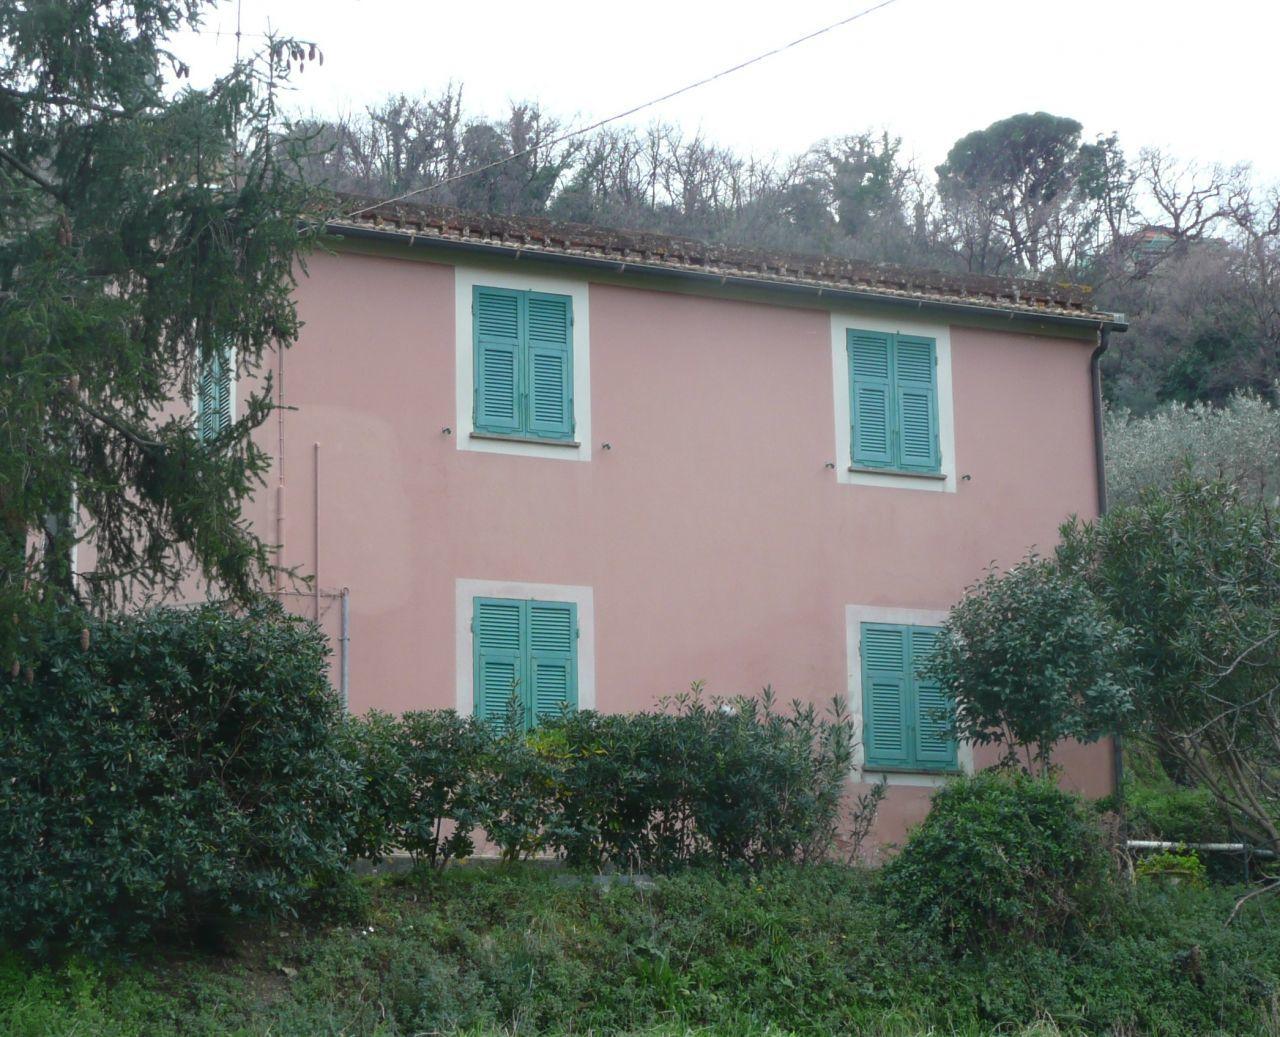 Soluzione Indipendente in vendita a Sestri Levante, 9999 locali, Trattative riservate | CambioCasa.it